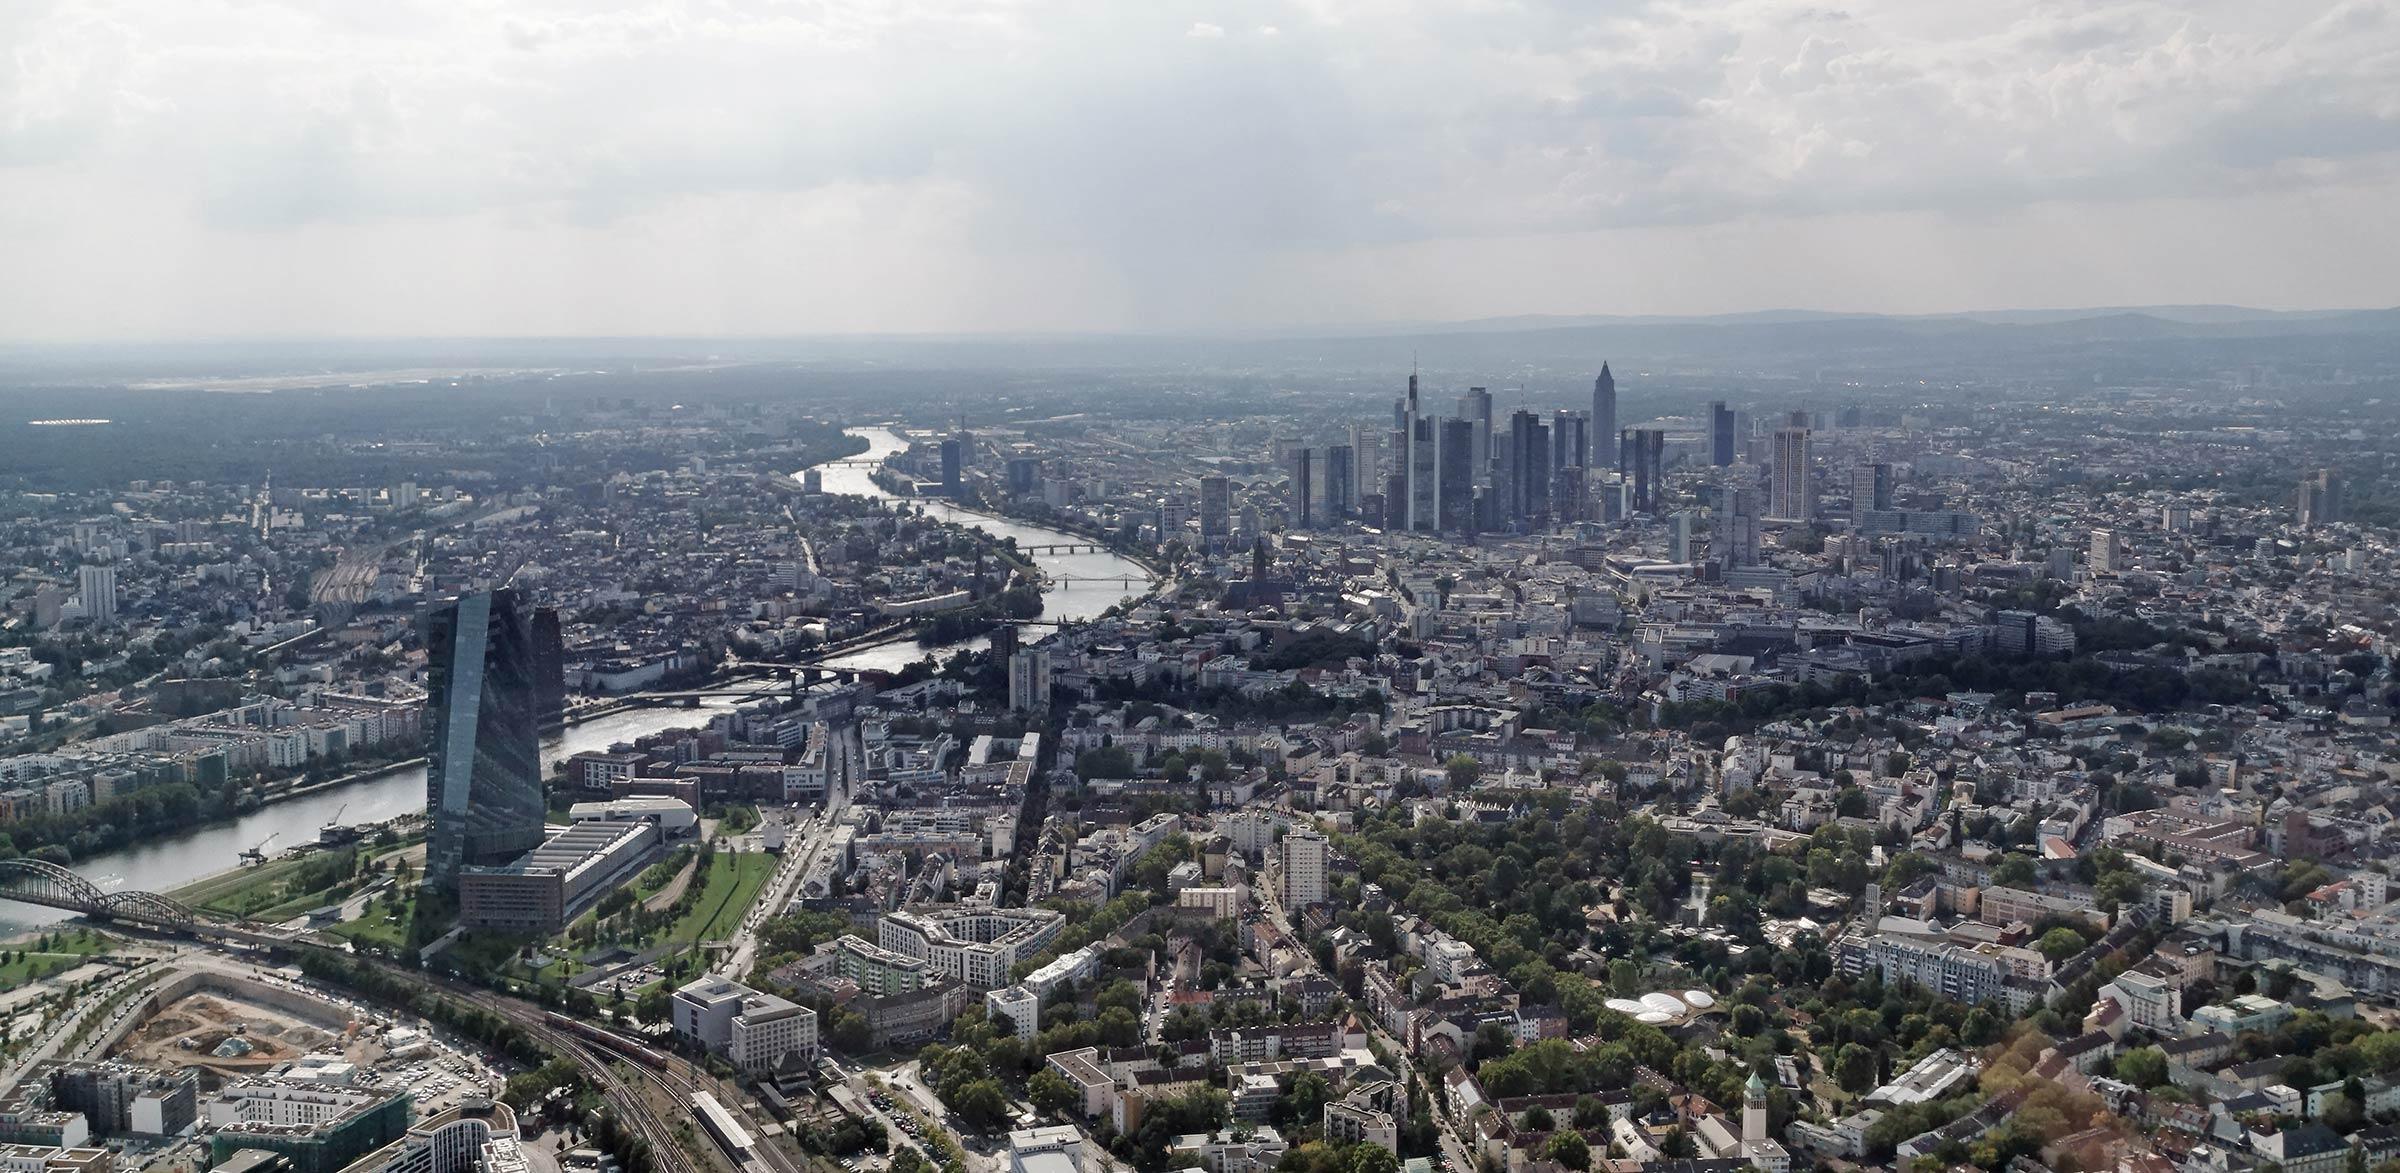 EZB links im Bild - Die europäische Zentralbank mit Blick auf die Hochhäuser im Frankfurter Bankenviertel